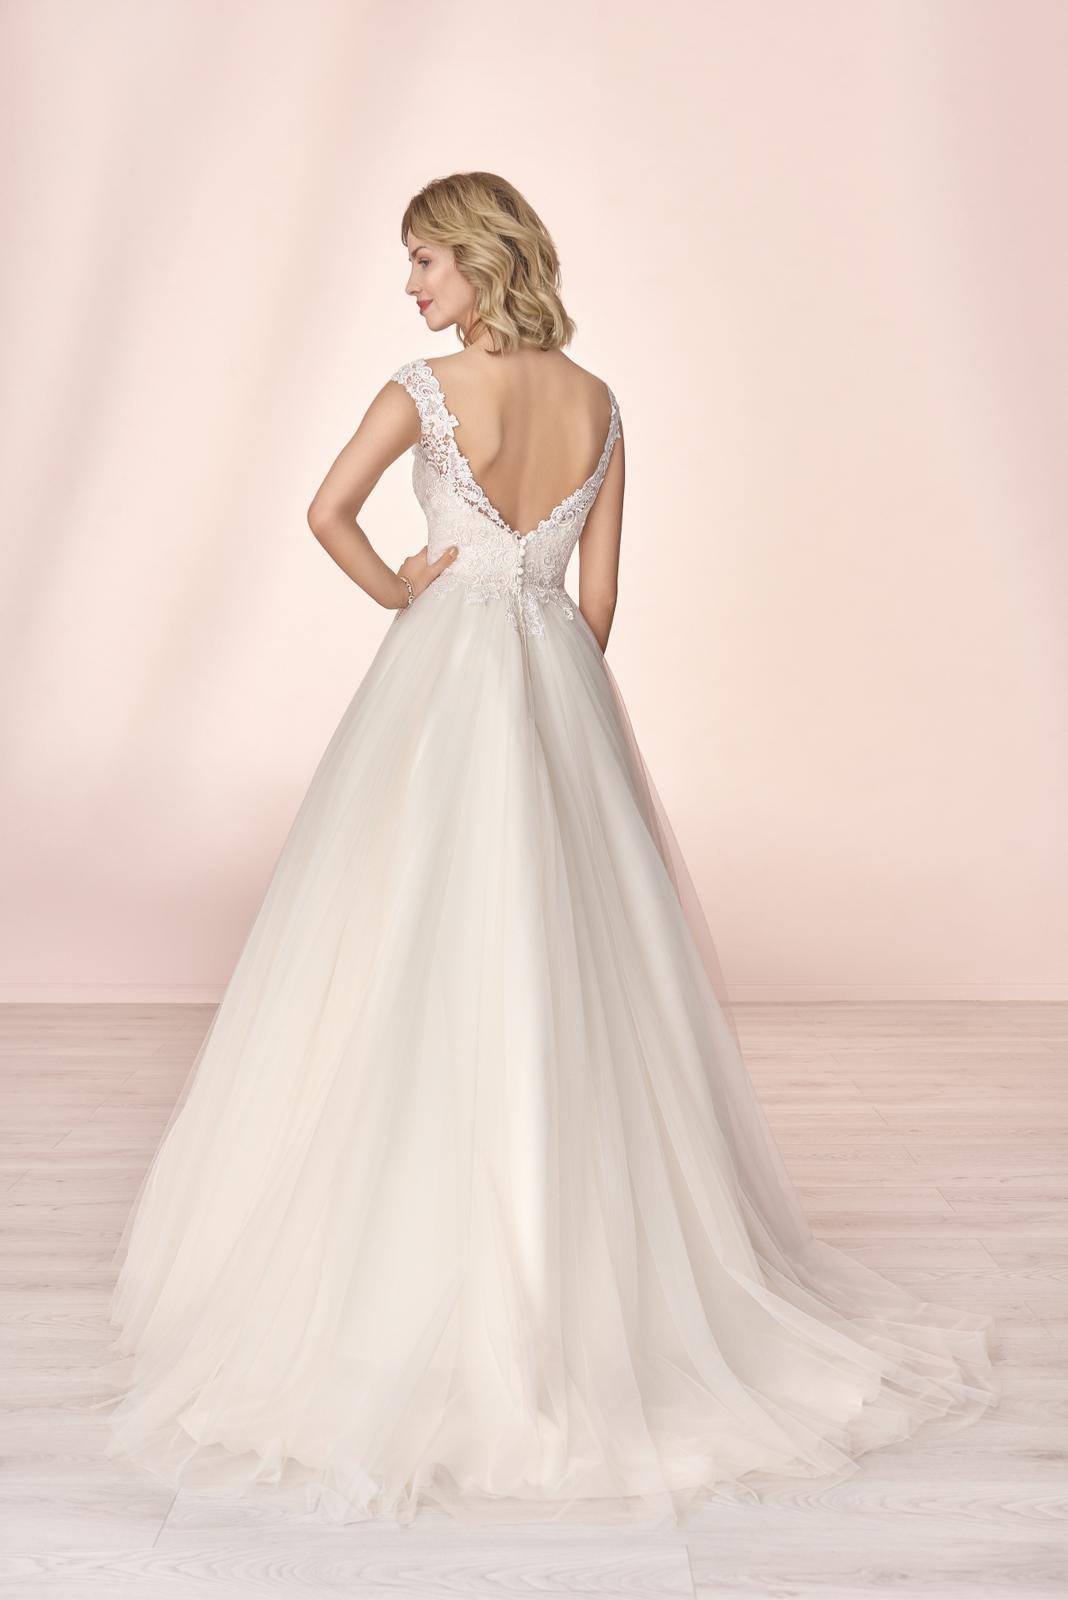 Nové svatební šaty zn. Elizabeth k vyzkoušení u nás v salonu. - Obrázek č. 2